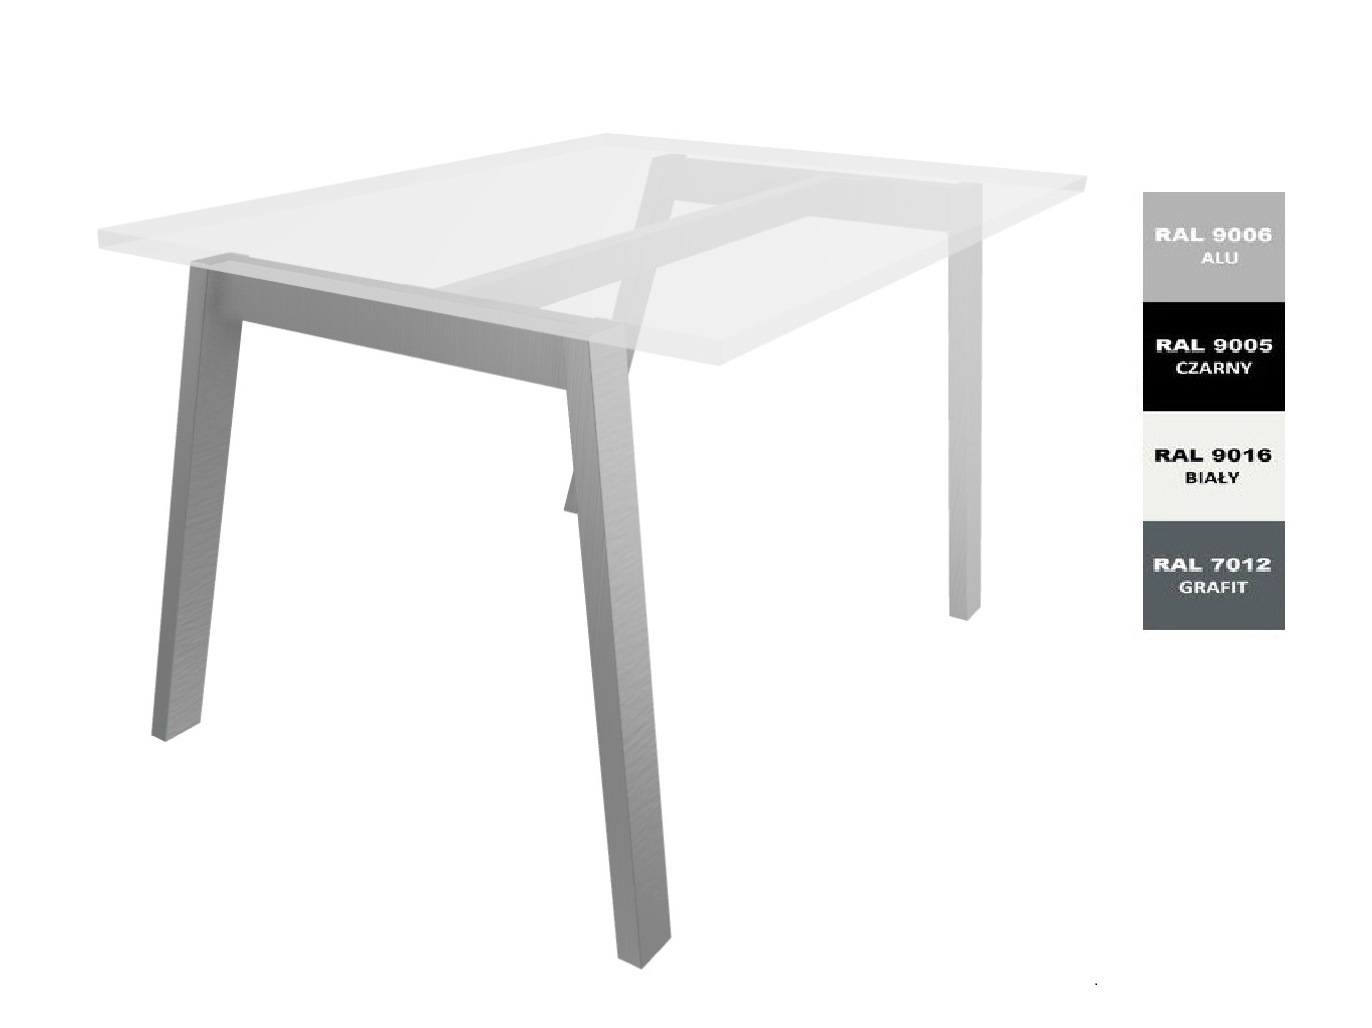 Stelaż metalowy do biurka lub stołu  ST-V - 1 belka podblatowa- głębokość 77 cm